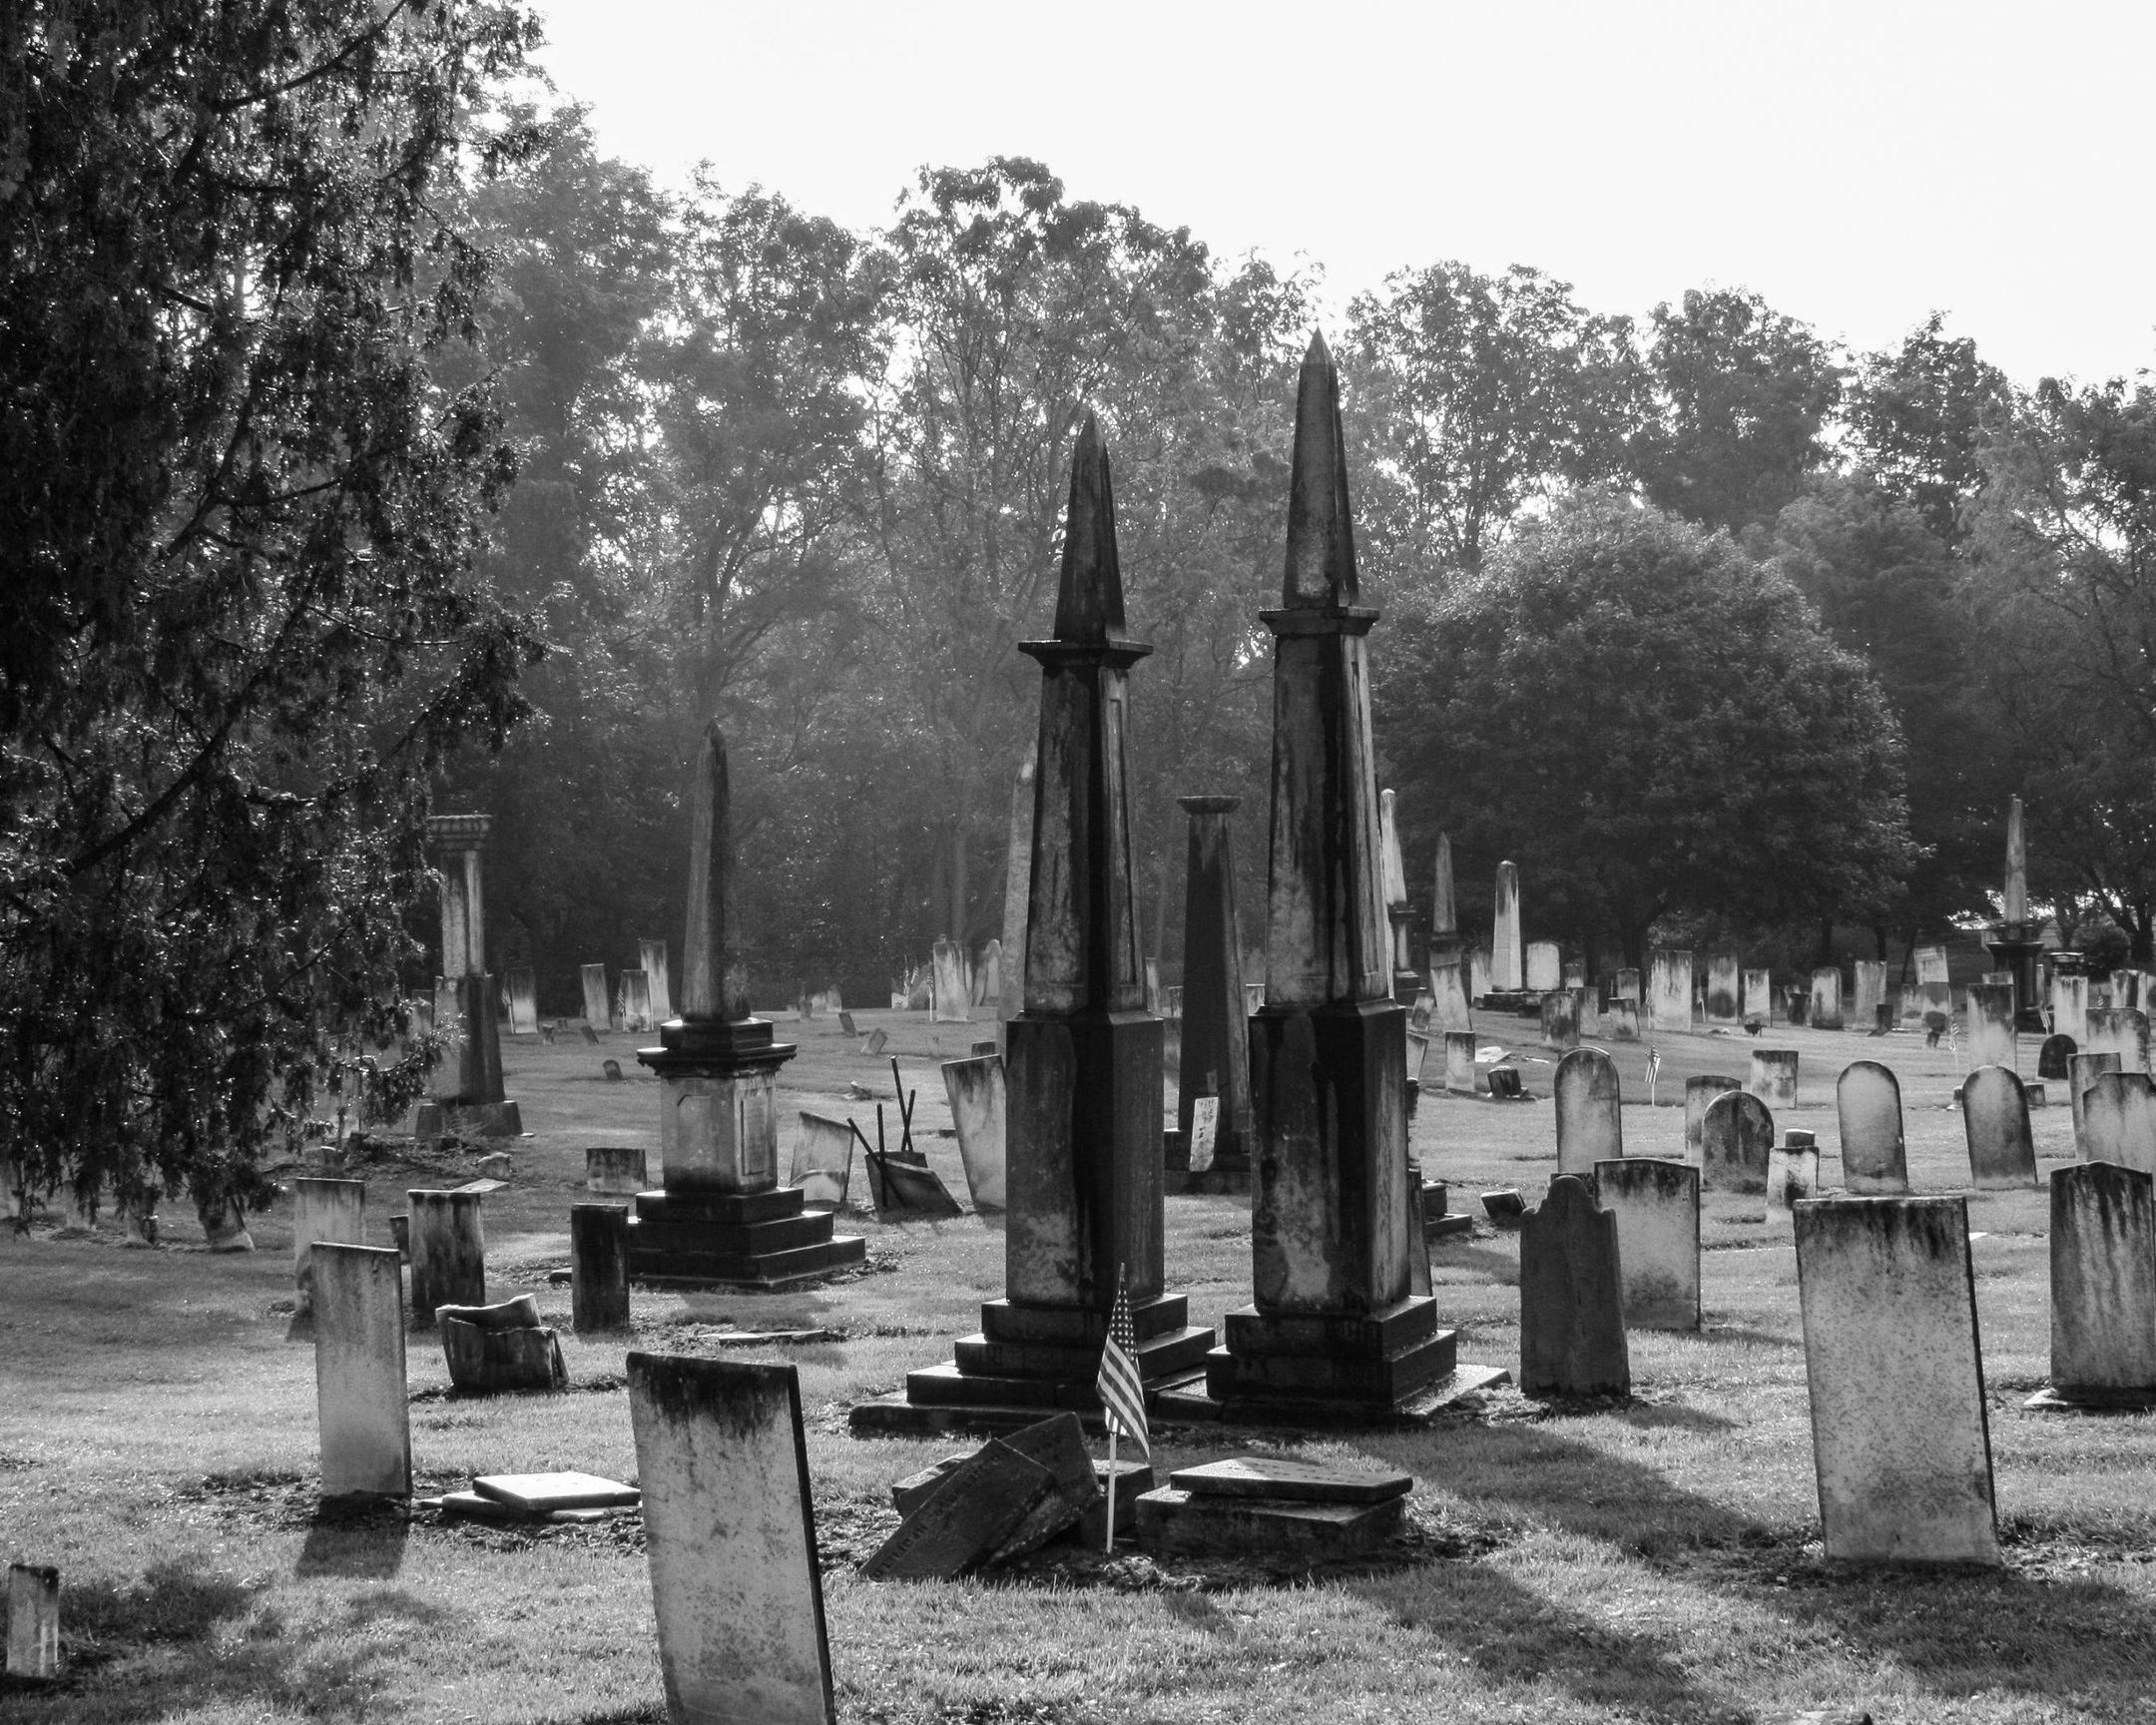 Cemetery, Phelps ny, Phelps